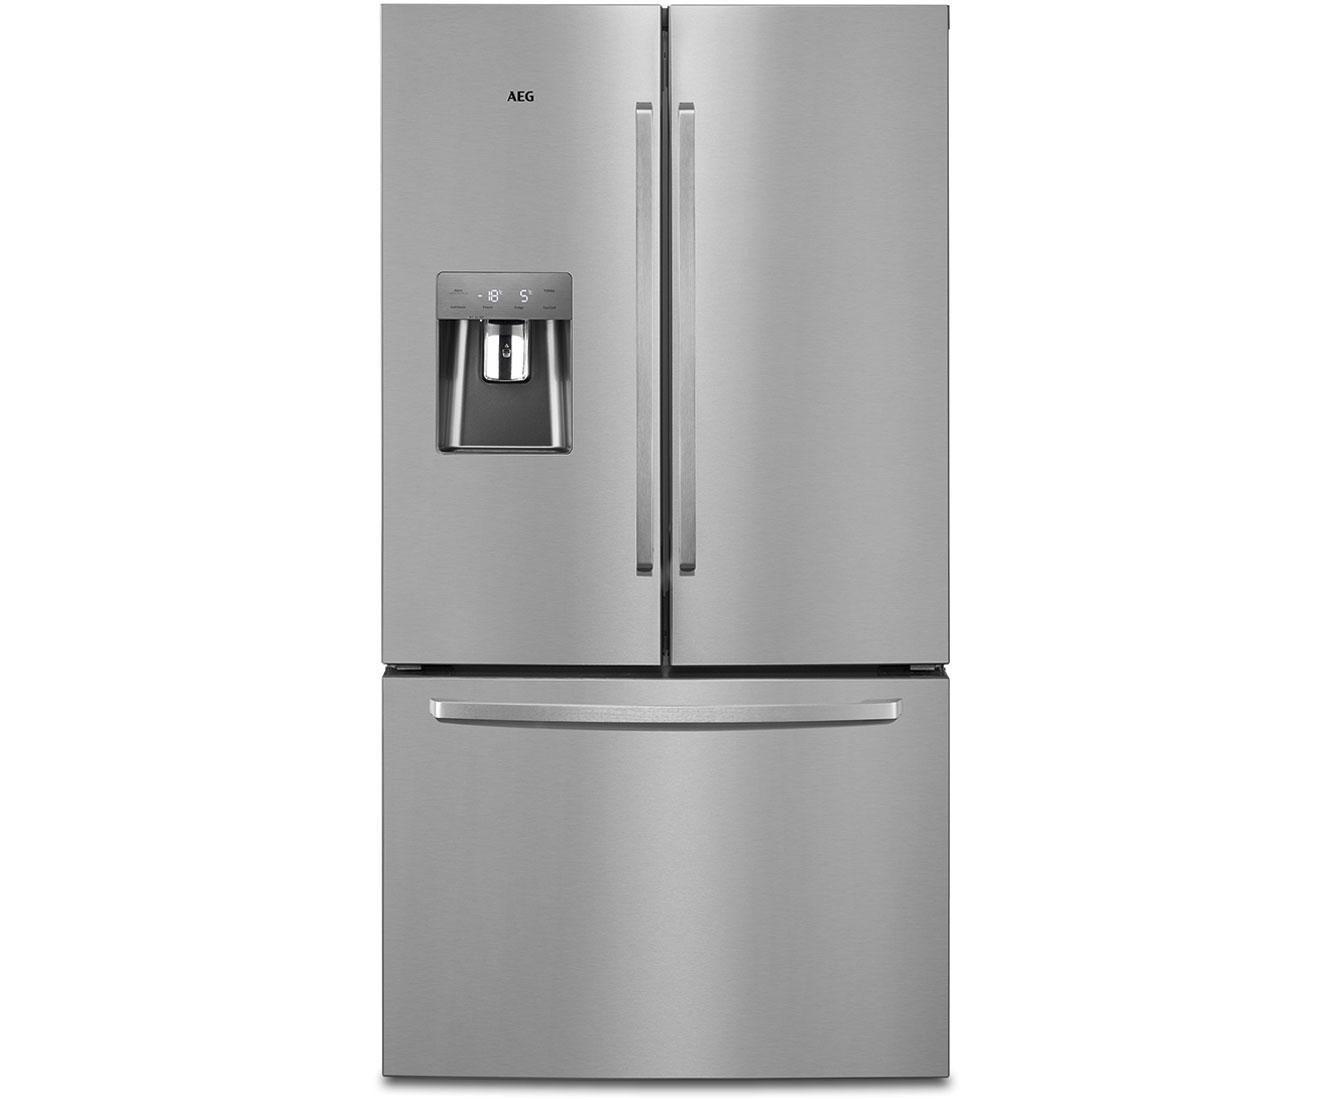 Aeg Kühlschrank Fehler : Aeg spülmaschine öko favorit fehlermeldung c aeg spülmaschine